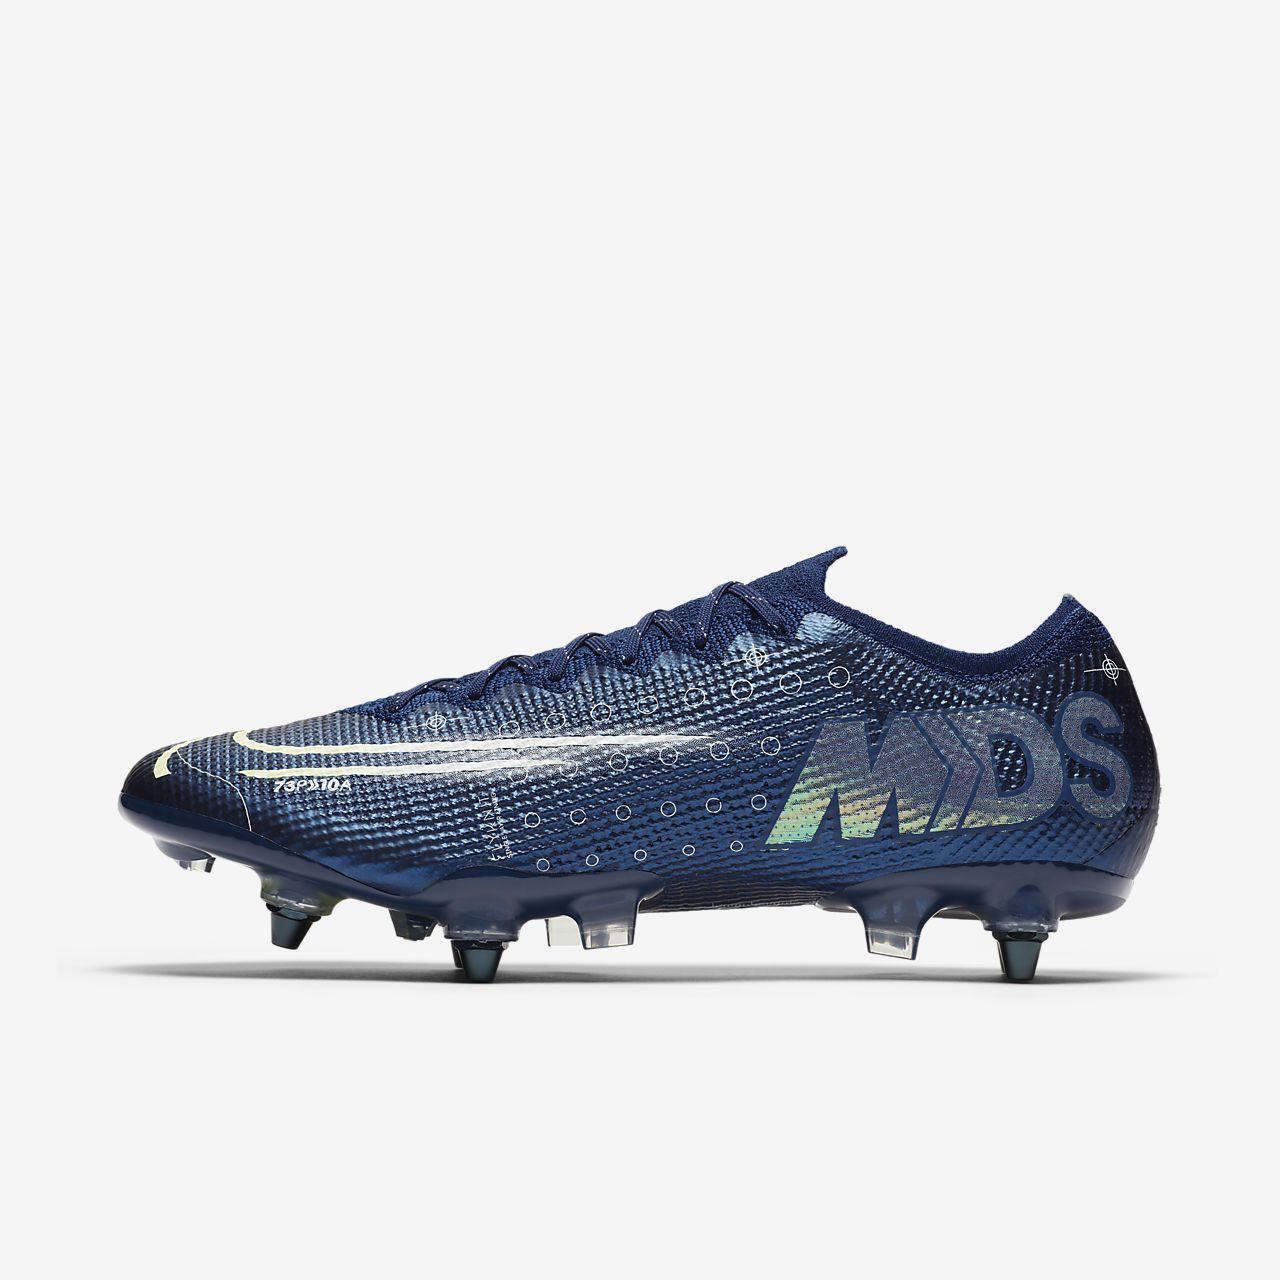 Chaussure de football à crampons pour terrain gras Nike Mercurial Vapor 13 Elite MDS SG-PRO Anti-Clog Traction